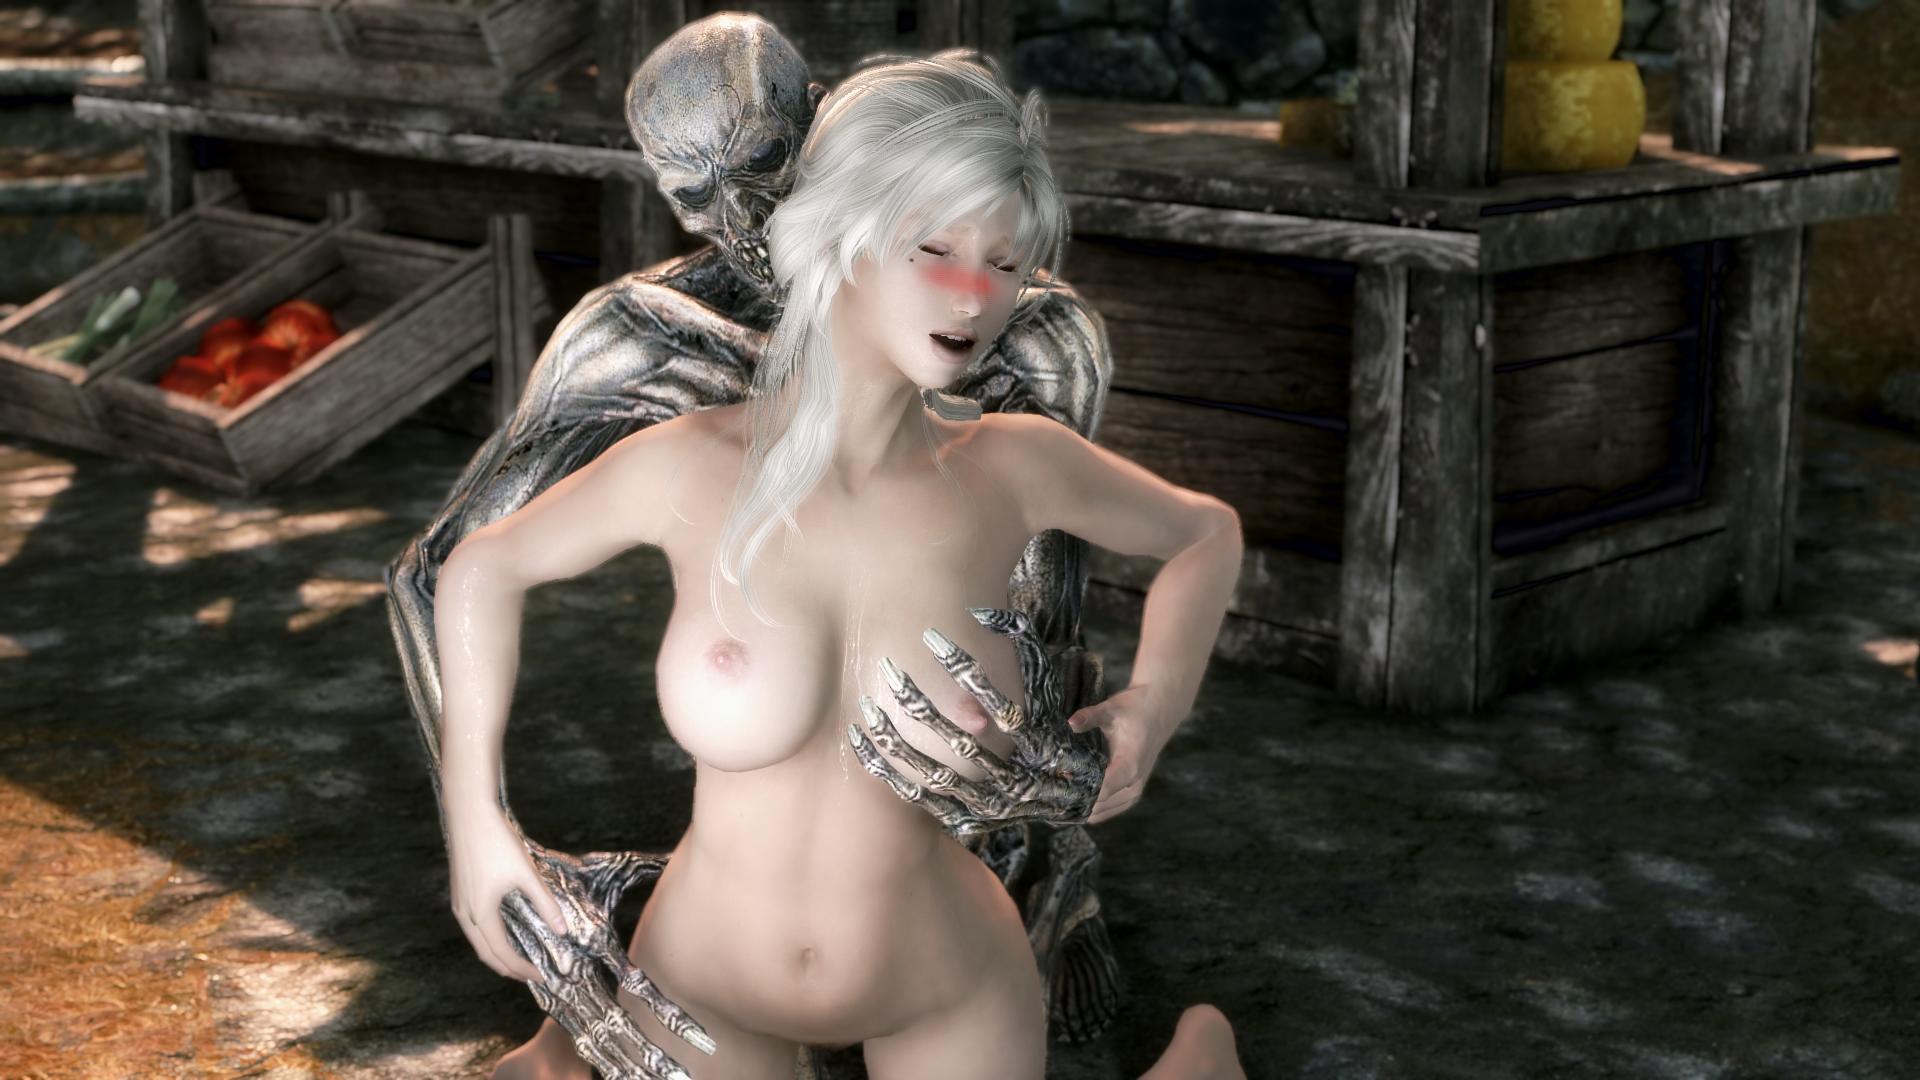 Картинки голых из игр, частное порно мастурбации